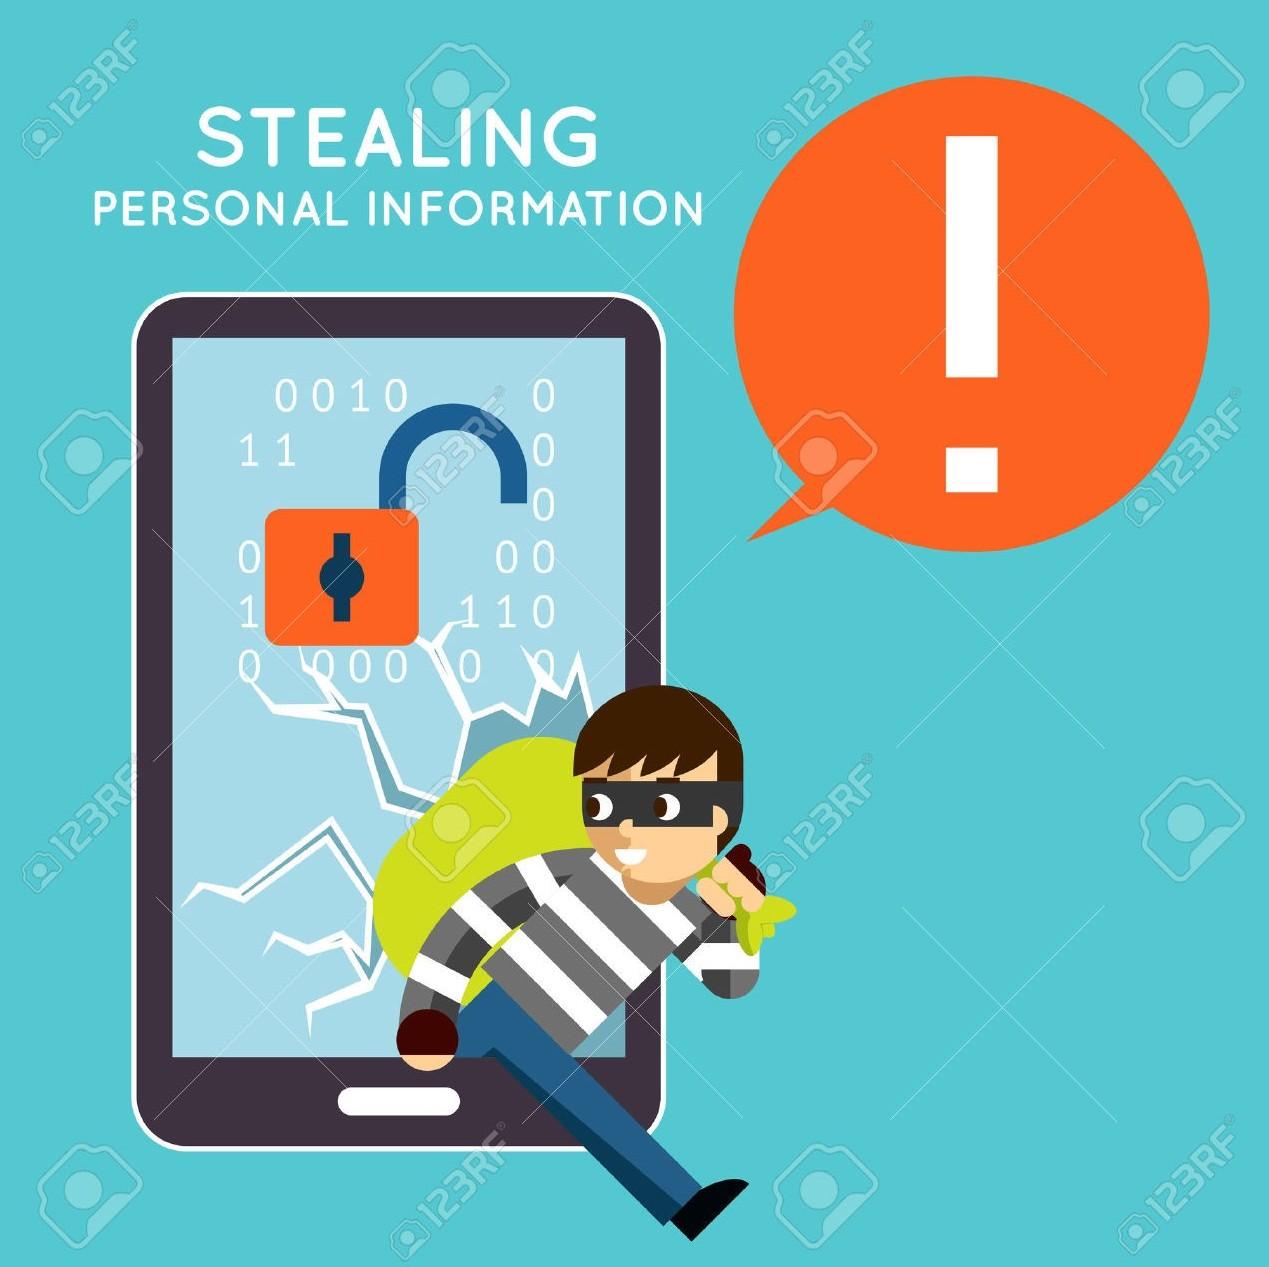 Cellulari sotto attacco hacker: cosa si